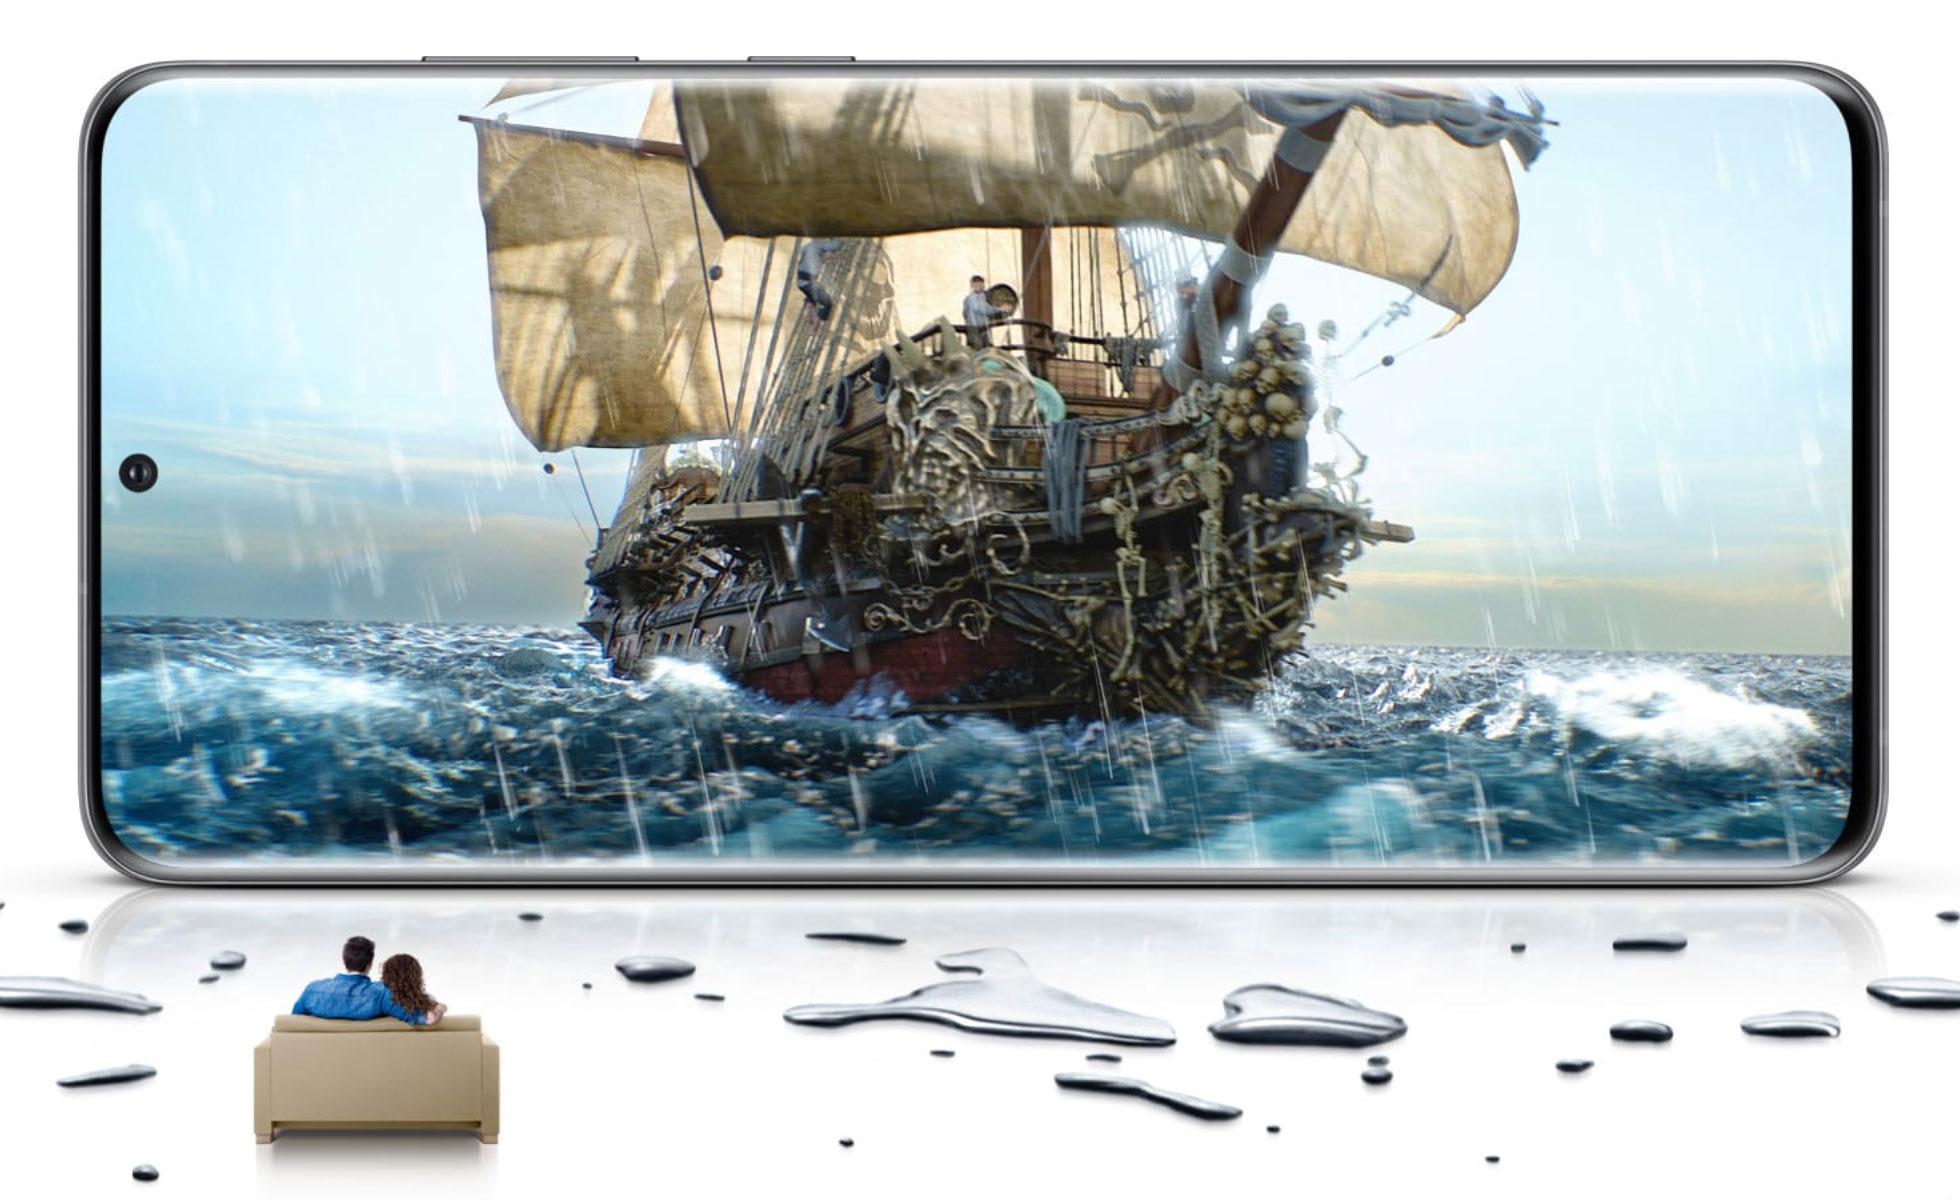 Galaxy S20 : la nouvelle génération de Samsung dévoilée officiellement